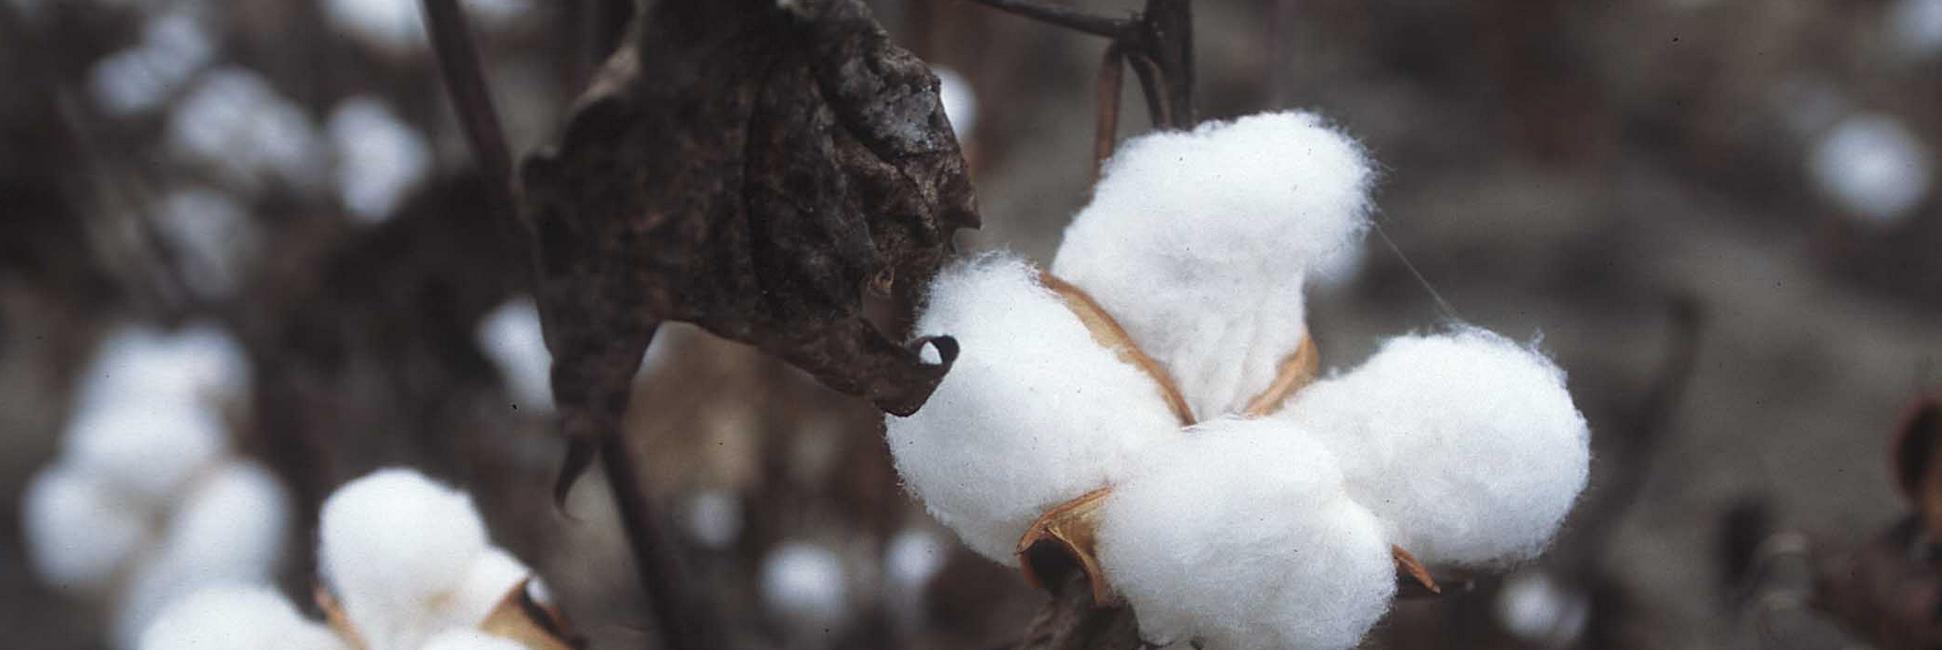 Algodón transgénico en un cultivo de EE.UU.